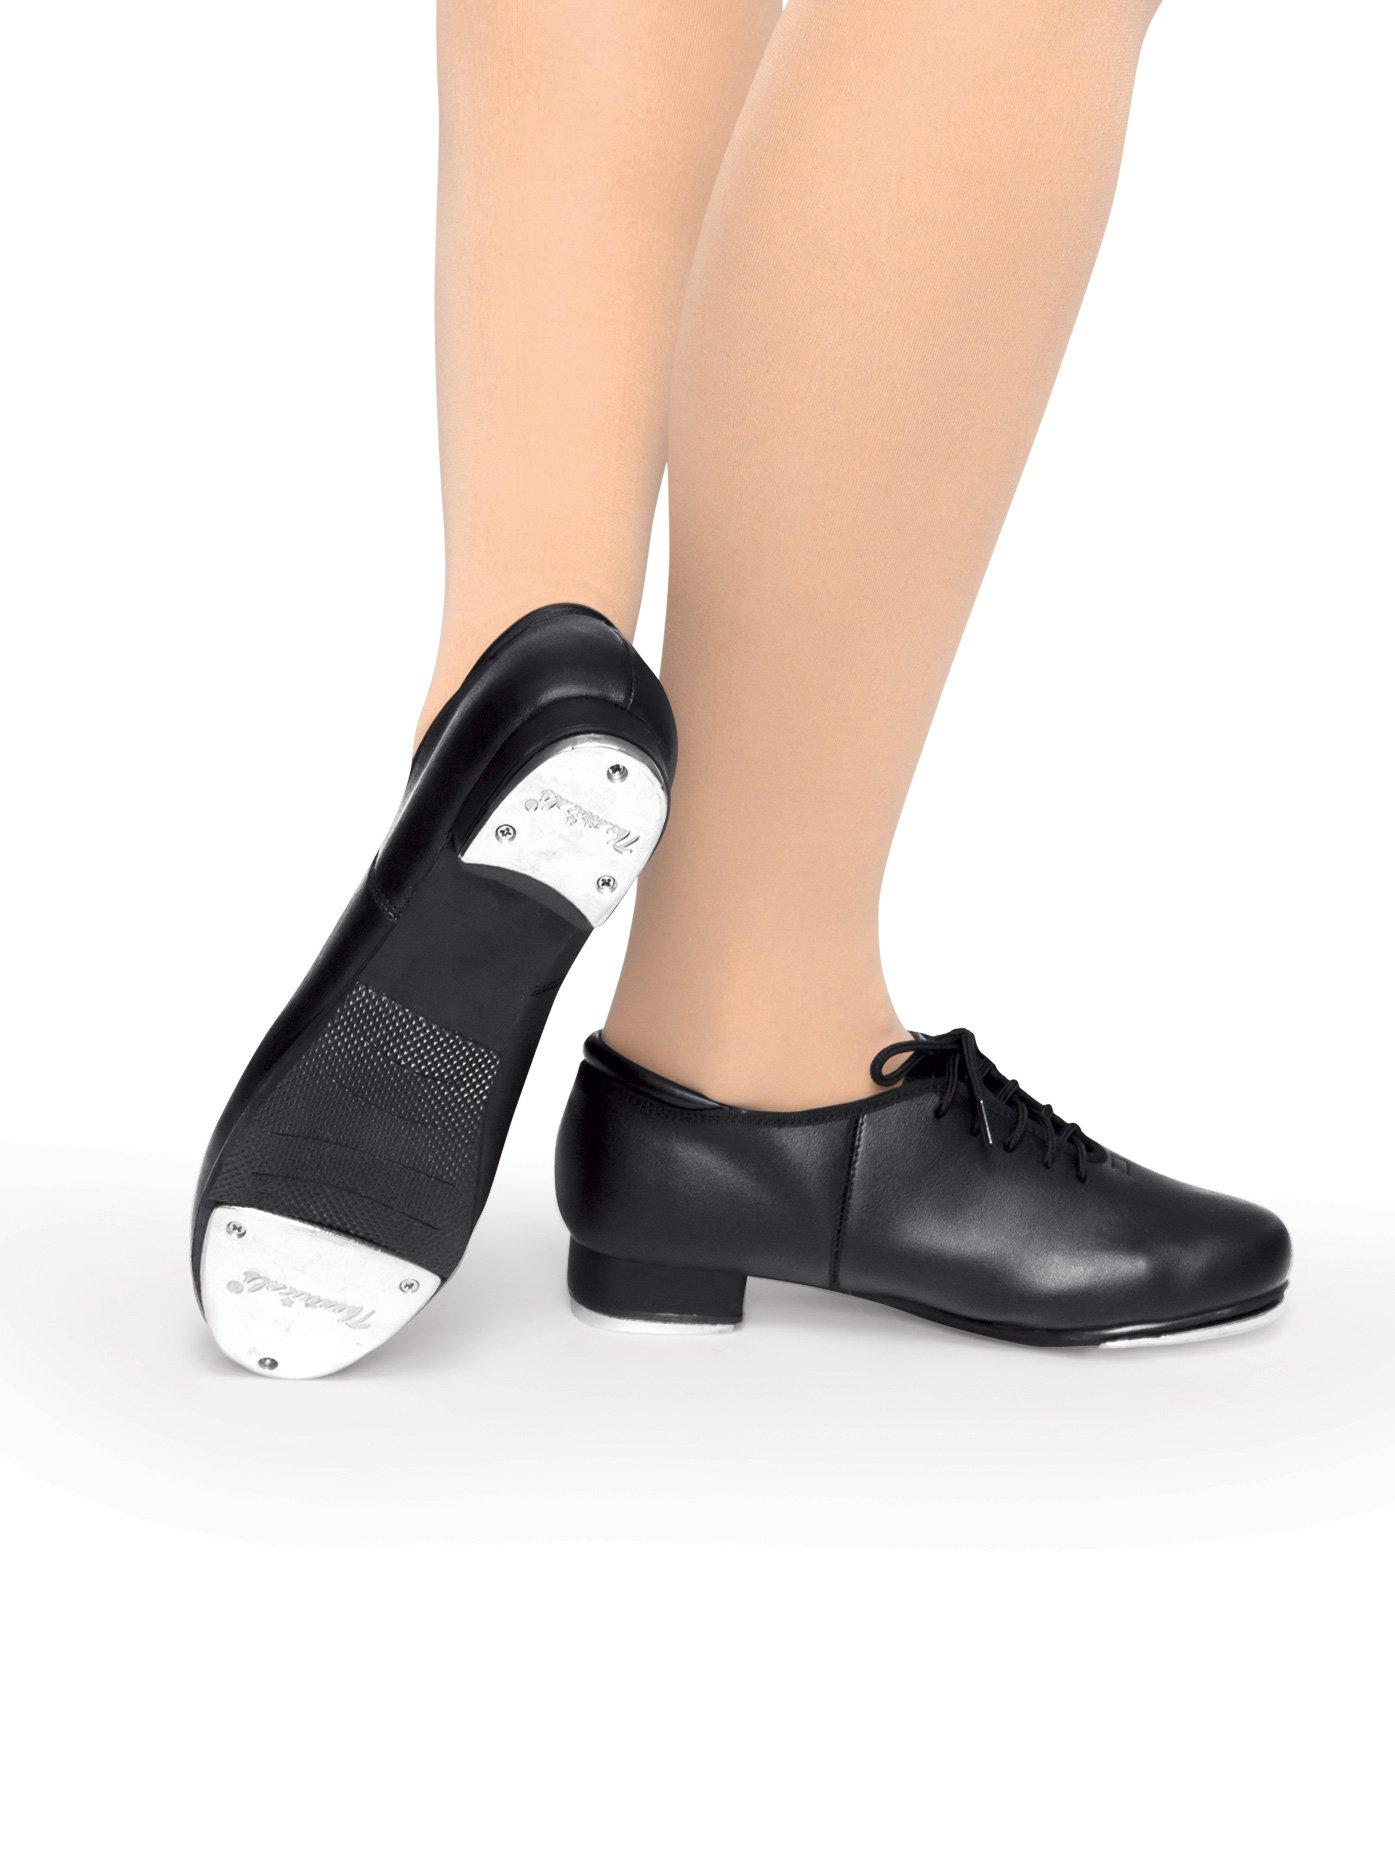 Adult Lace Up Tap Shoes,T9500BLK08.0M,Black,08.0M